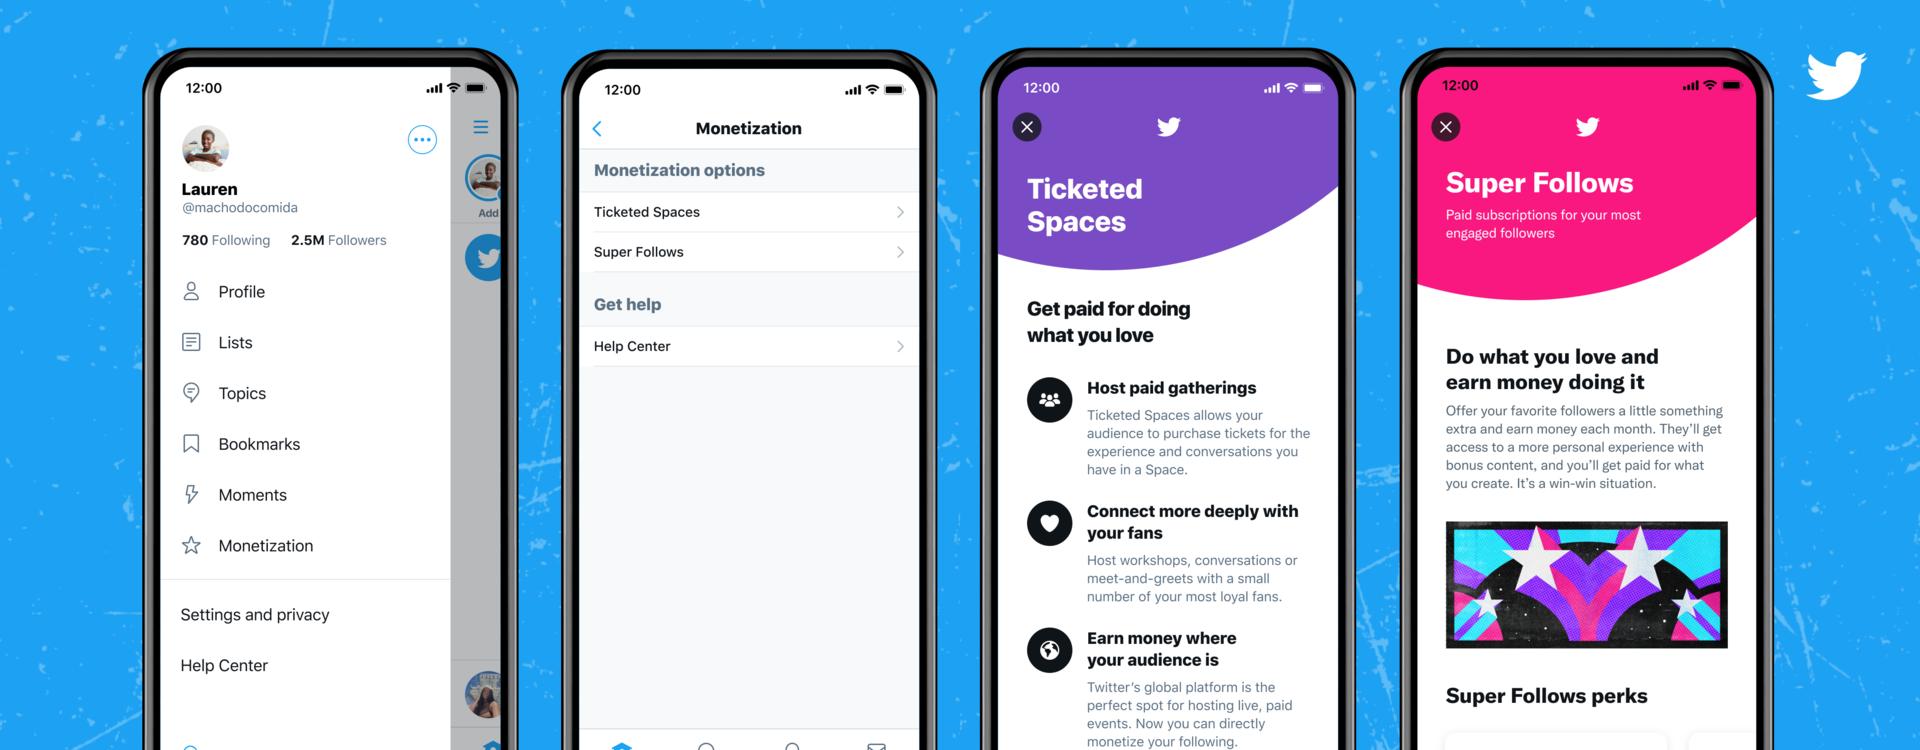 Twitter тестирует инструменты платного доступа к контенту